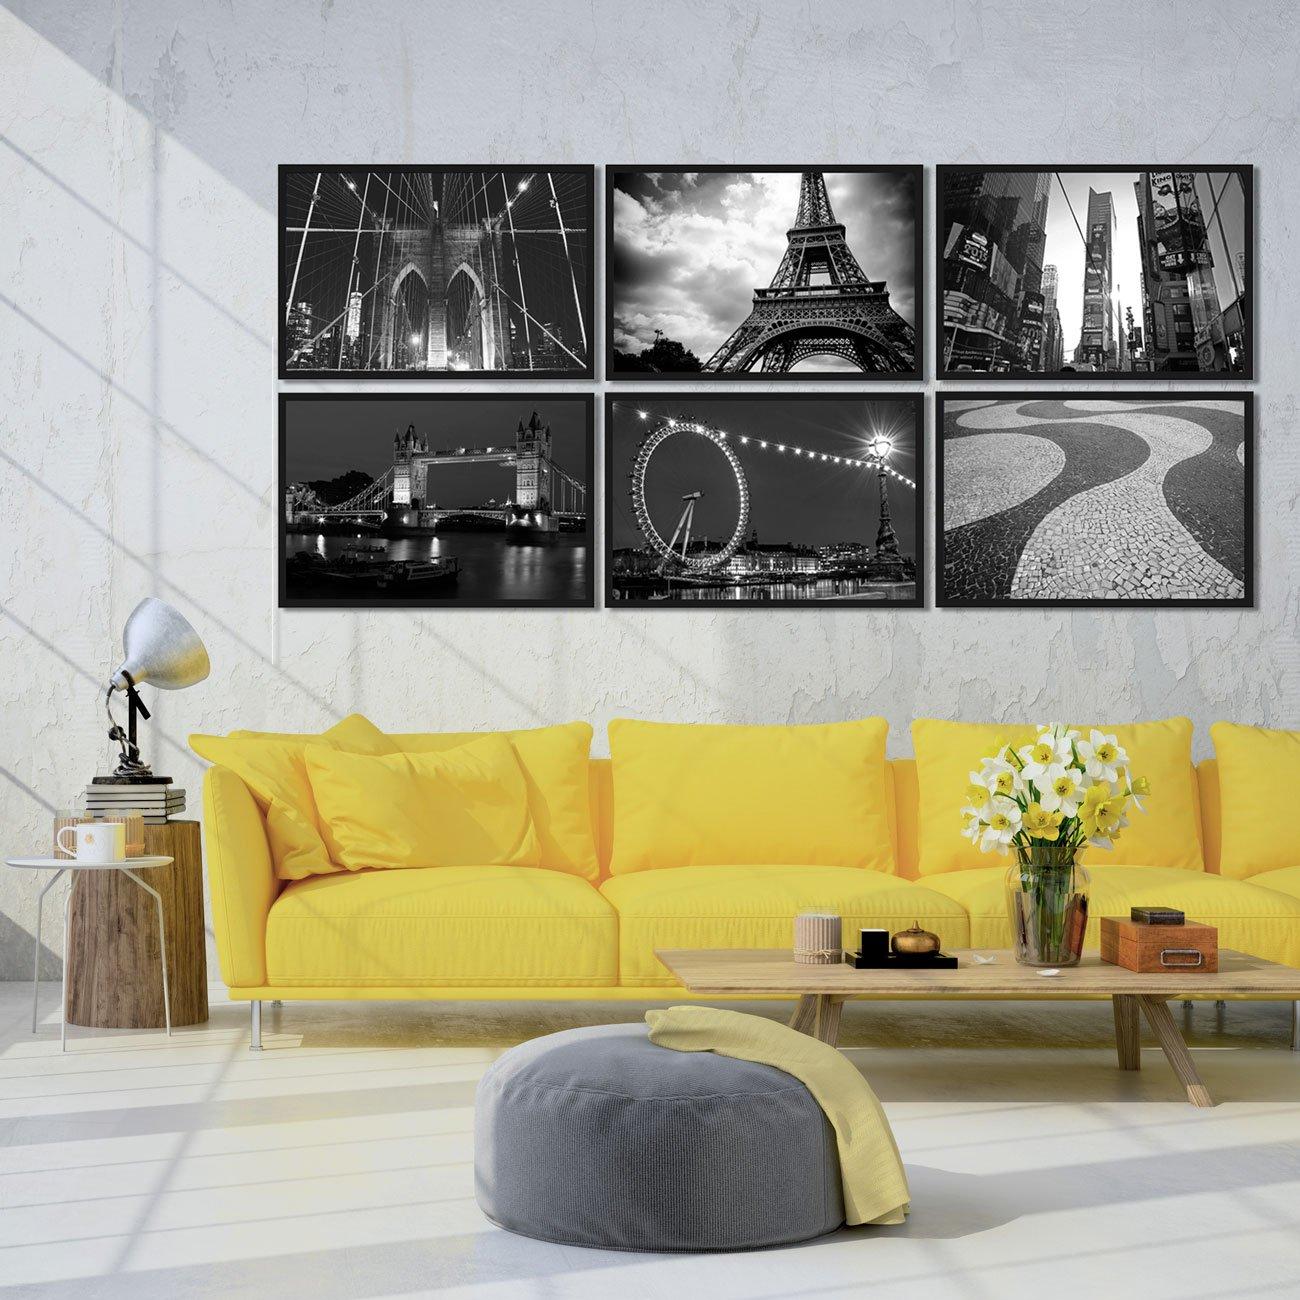 Exemplo de decoração - Combo Kit de quadros decorativos 6 peças em preto e branco. Cidades Turísticas.